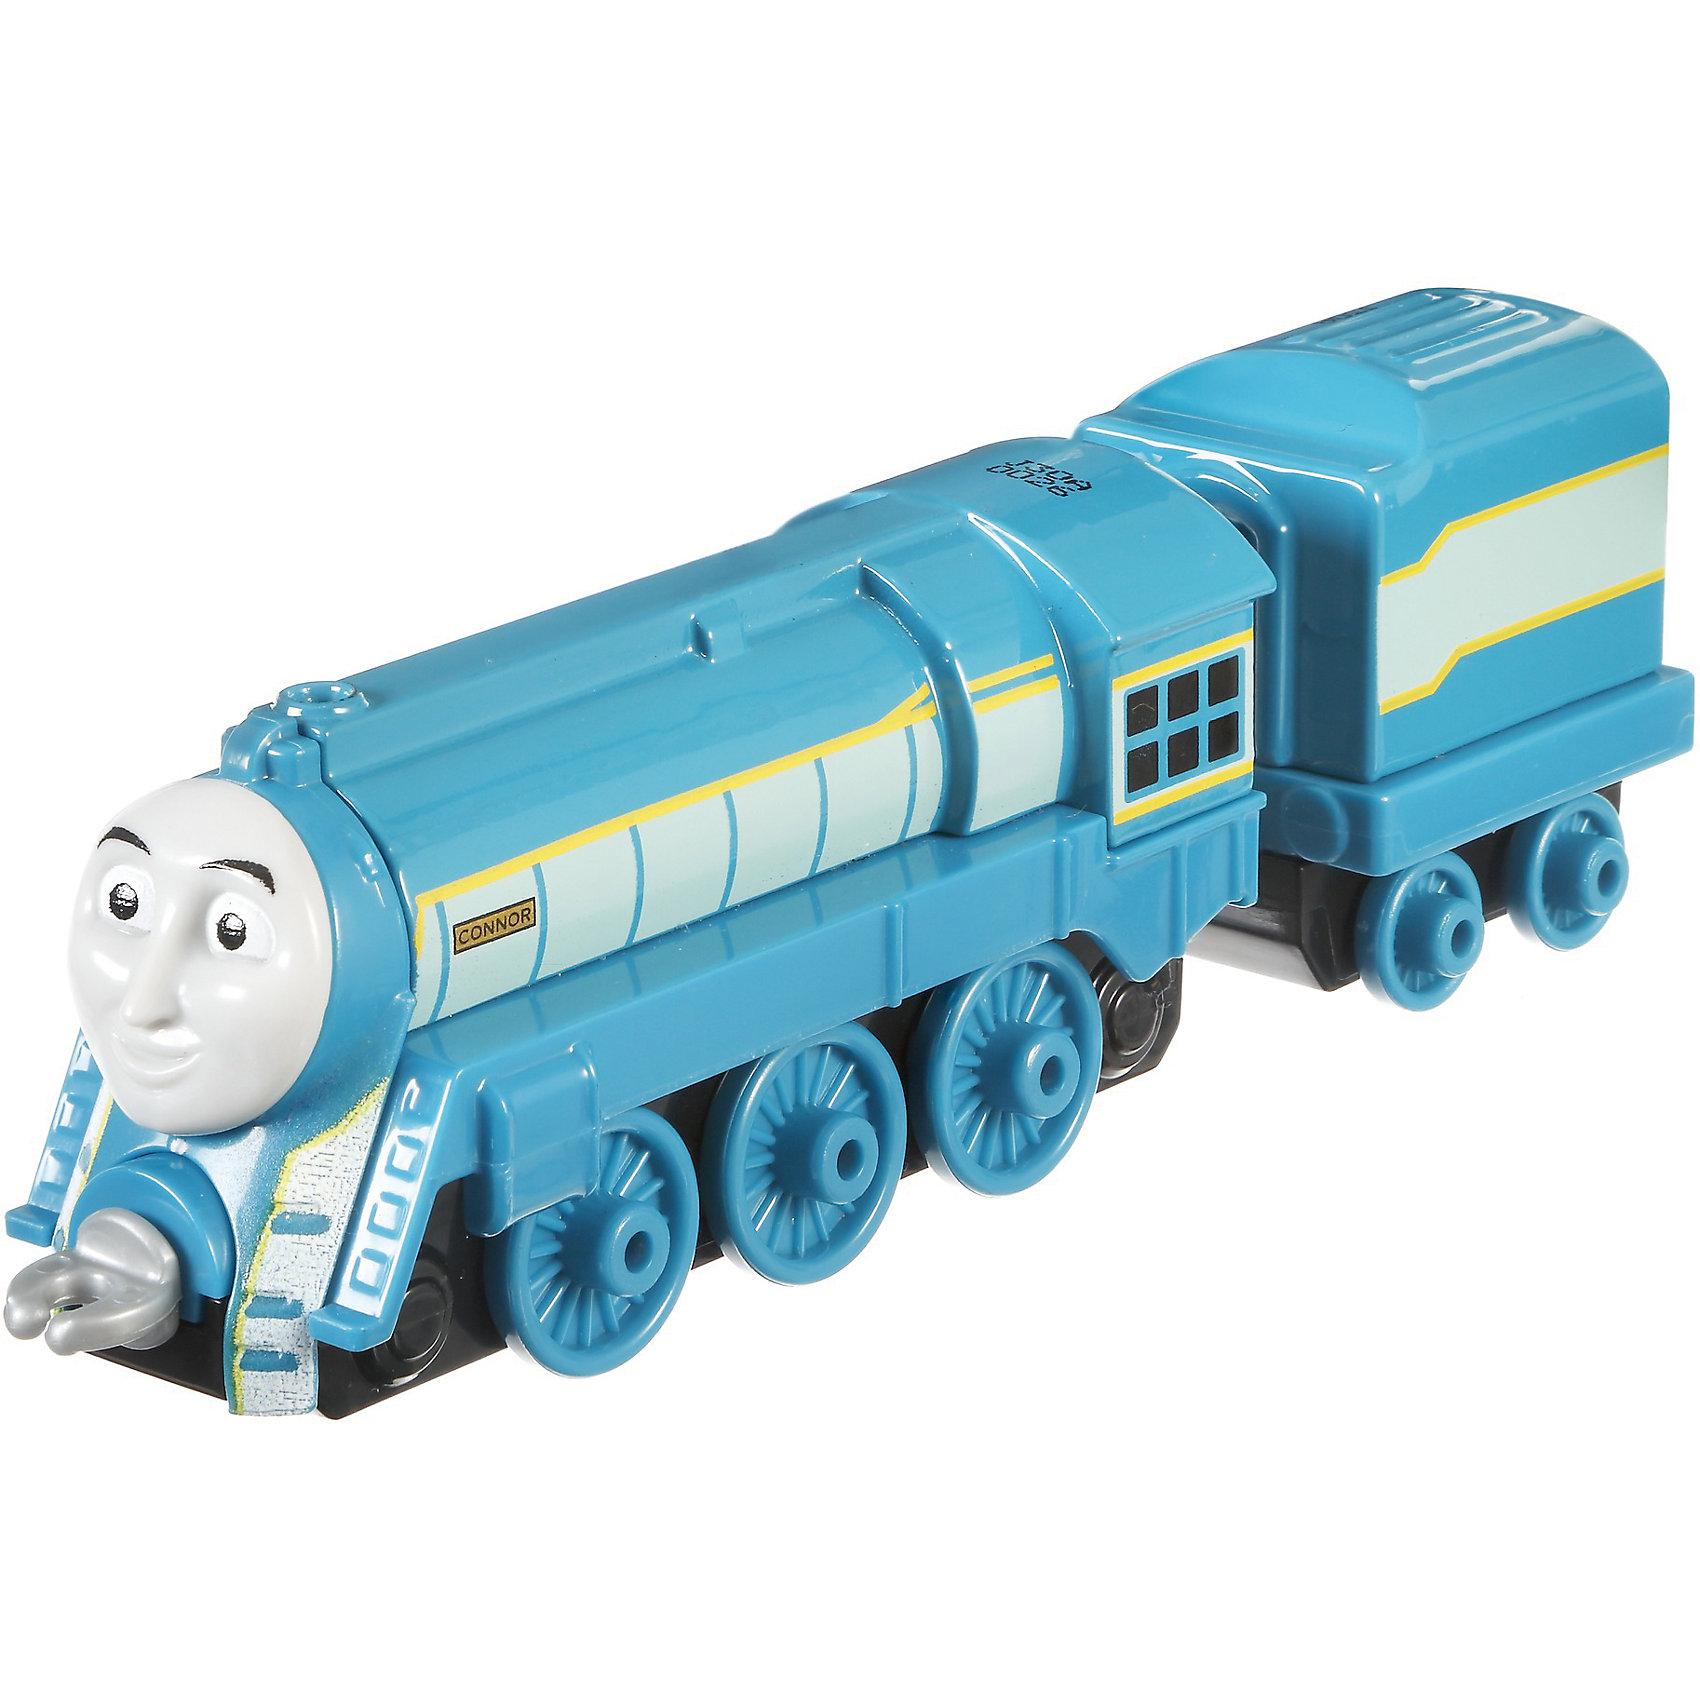 Большой паровозик, Томас и его друзьяБольшой паровозик, Томас и его друзья.<br><br>Характеристики:<br><br>• Материал: пластик, металл<br>• Размер упаковки: 19х11,5х3 см.<br>• Вес: 380 гр.<br><br>Большой паровозик Коннор создан по мотивам мультфильма Томас и его друзья, невероятно популярного среди миллионов детей во всем мире. Паровозик отличается высокой степенью детализации и соответствия своему экранному прототипу. При движении позади транспортного средства забавно покачивается вагон-прицеп. <br><br>Надежные пластиковые соединения позволяют присоединять к паровозику вагончики, тендеры и другие паровозики из серии «Томас и друзья». Игрушка станет отличным подарком для поклонников мультсериала «Томас и друзья», а также для любителей железных дорог! Паровозик изготовлен из высококачественных материалов, используемые красители не содержат токсичных компонентов и полностью безопасны для здоровья ребенка.<br><br>Большой паровозик, Томас и его друзья можно купить в нашем интернет-магазине.<br><br>Ширина мм: 190<br>Глубина мм: 35<br>Высота мм: 115<br>Вес г: 54<br>Возраст от месяцев: 36<br>Возраст до месяцев: 120<br>Пол: Мужской<br>Возраст: Детский<br>SKU: 5440302